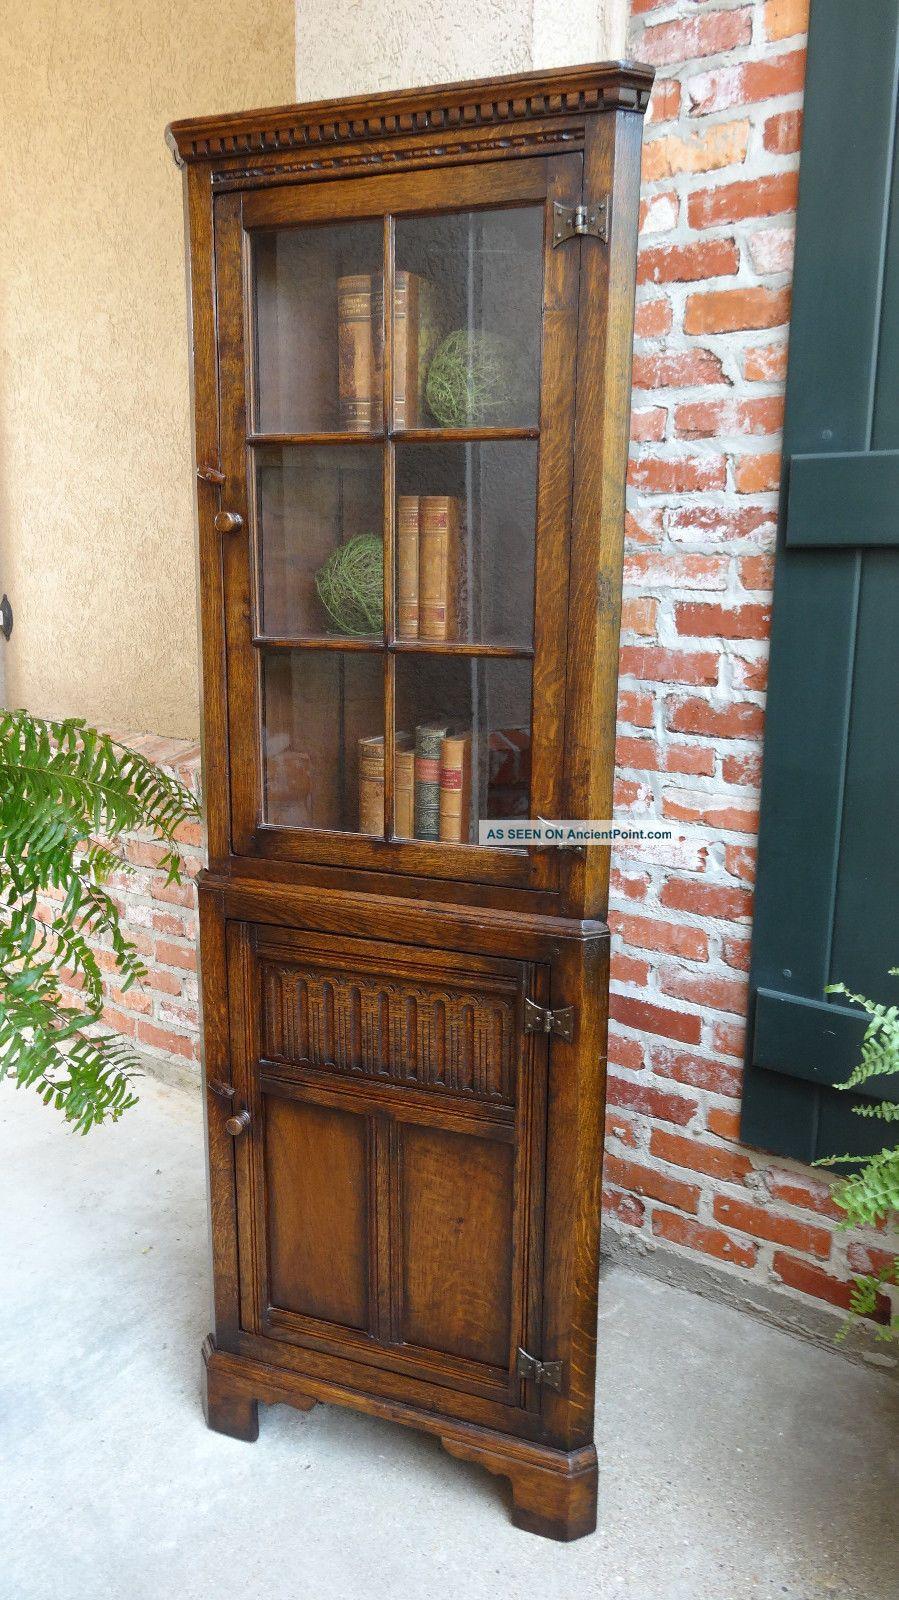 Antique English Carved Oak Corner Cabinet Display Case Bookcase Tall Slim - Antique English Carved Oak Corner Cabinet Display Case Bookcase Tall